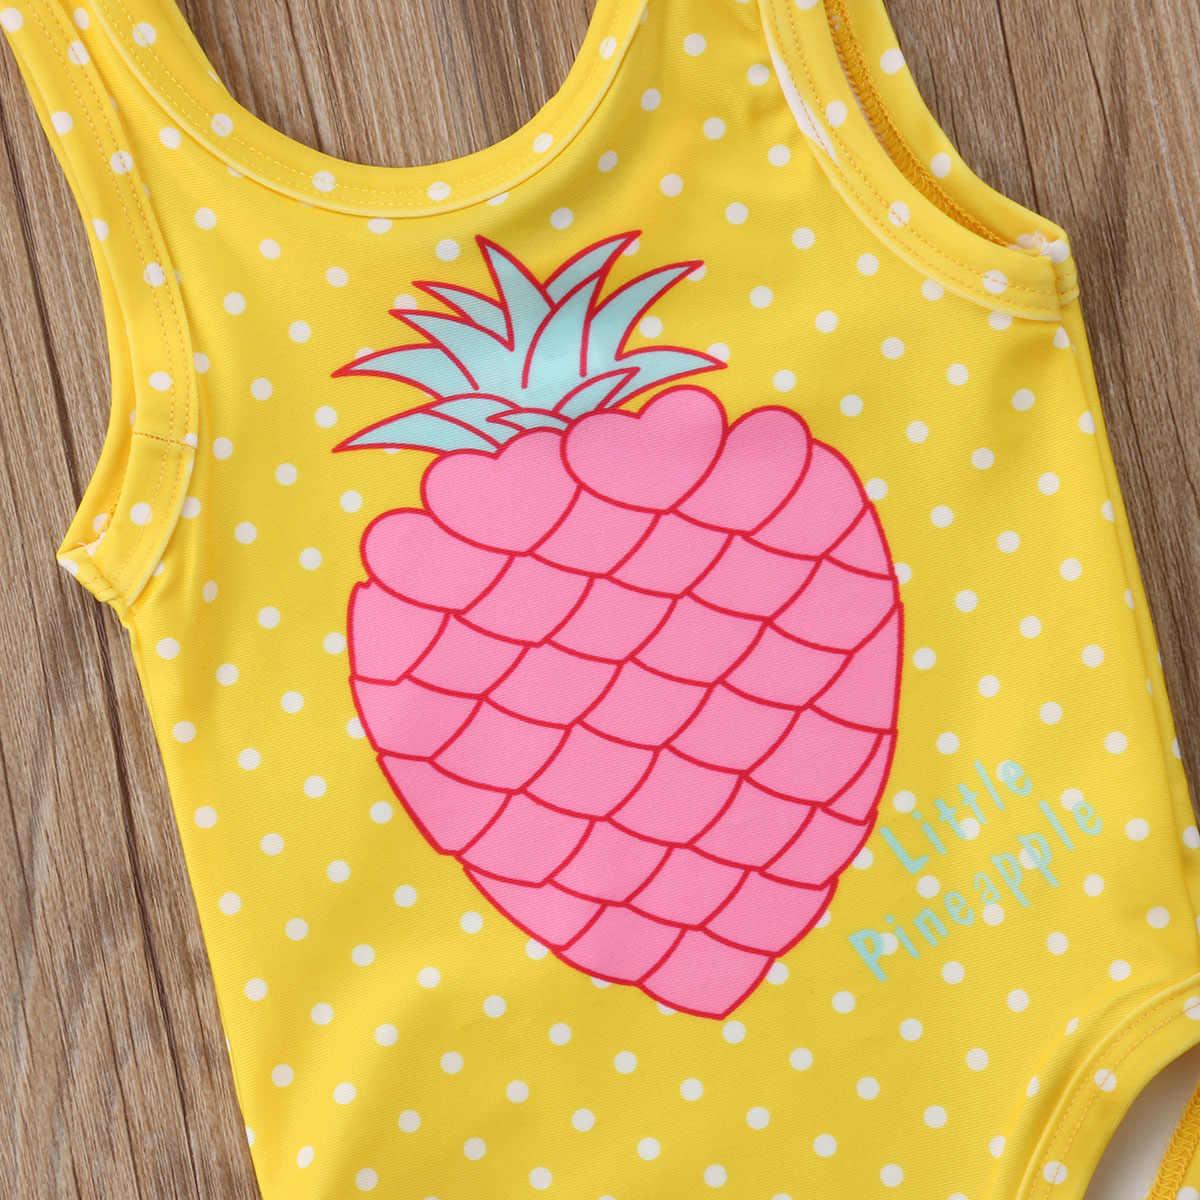 1-7Y Anak Bayi Anak Perempuan Nanas Cetak Baju Renang Anak Baju Renang Pakaian Renang Bayi Gadis Pakaian Anak Pakaian Musim Panas